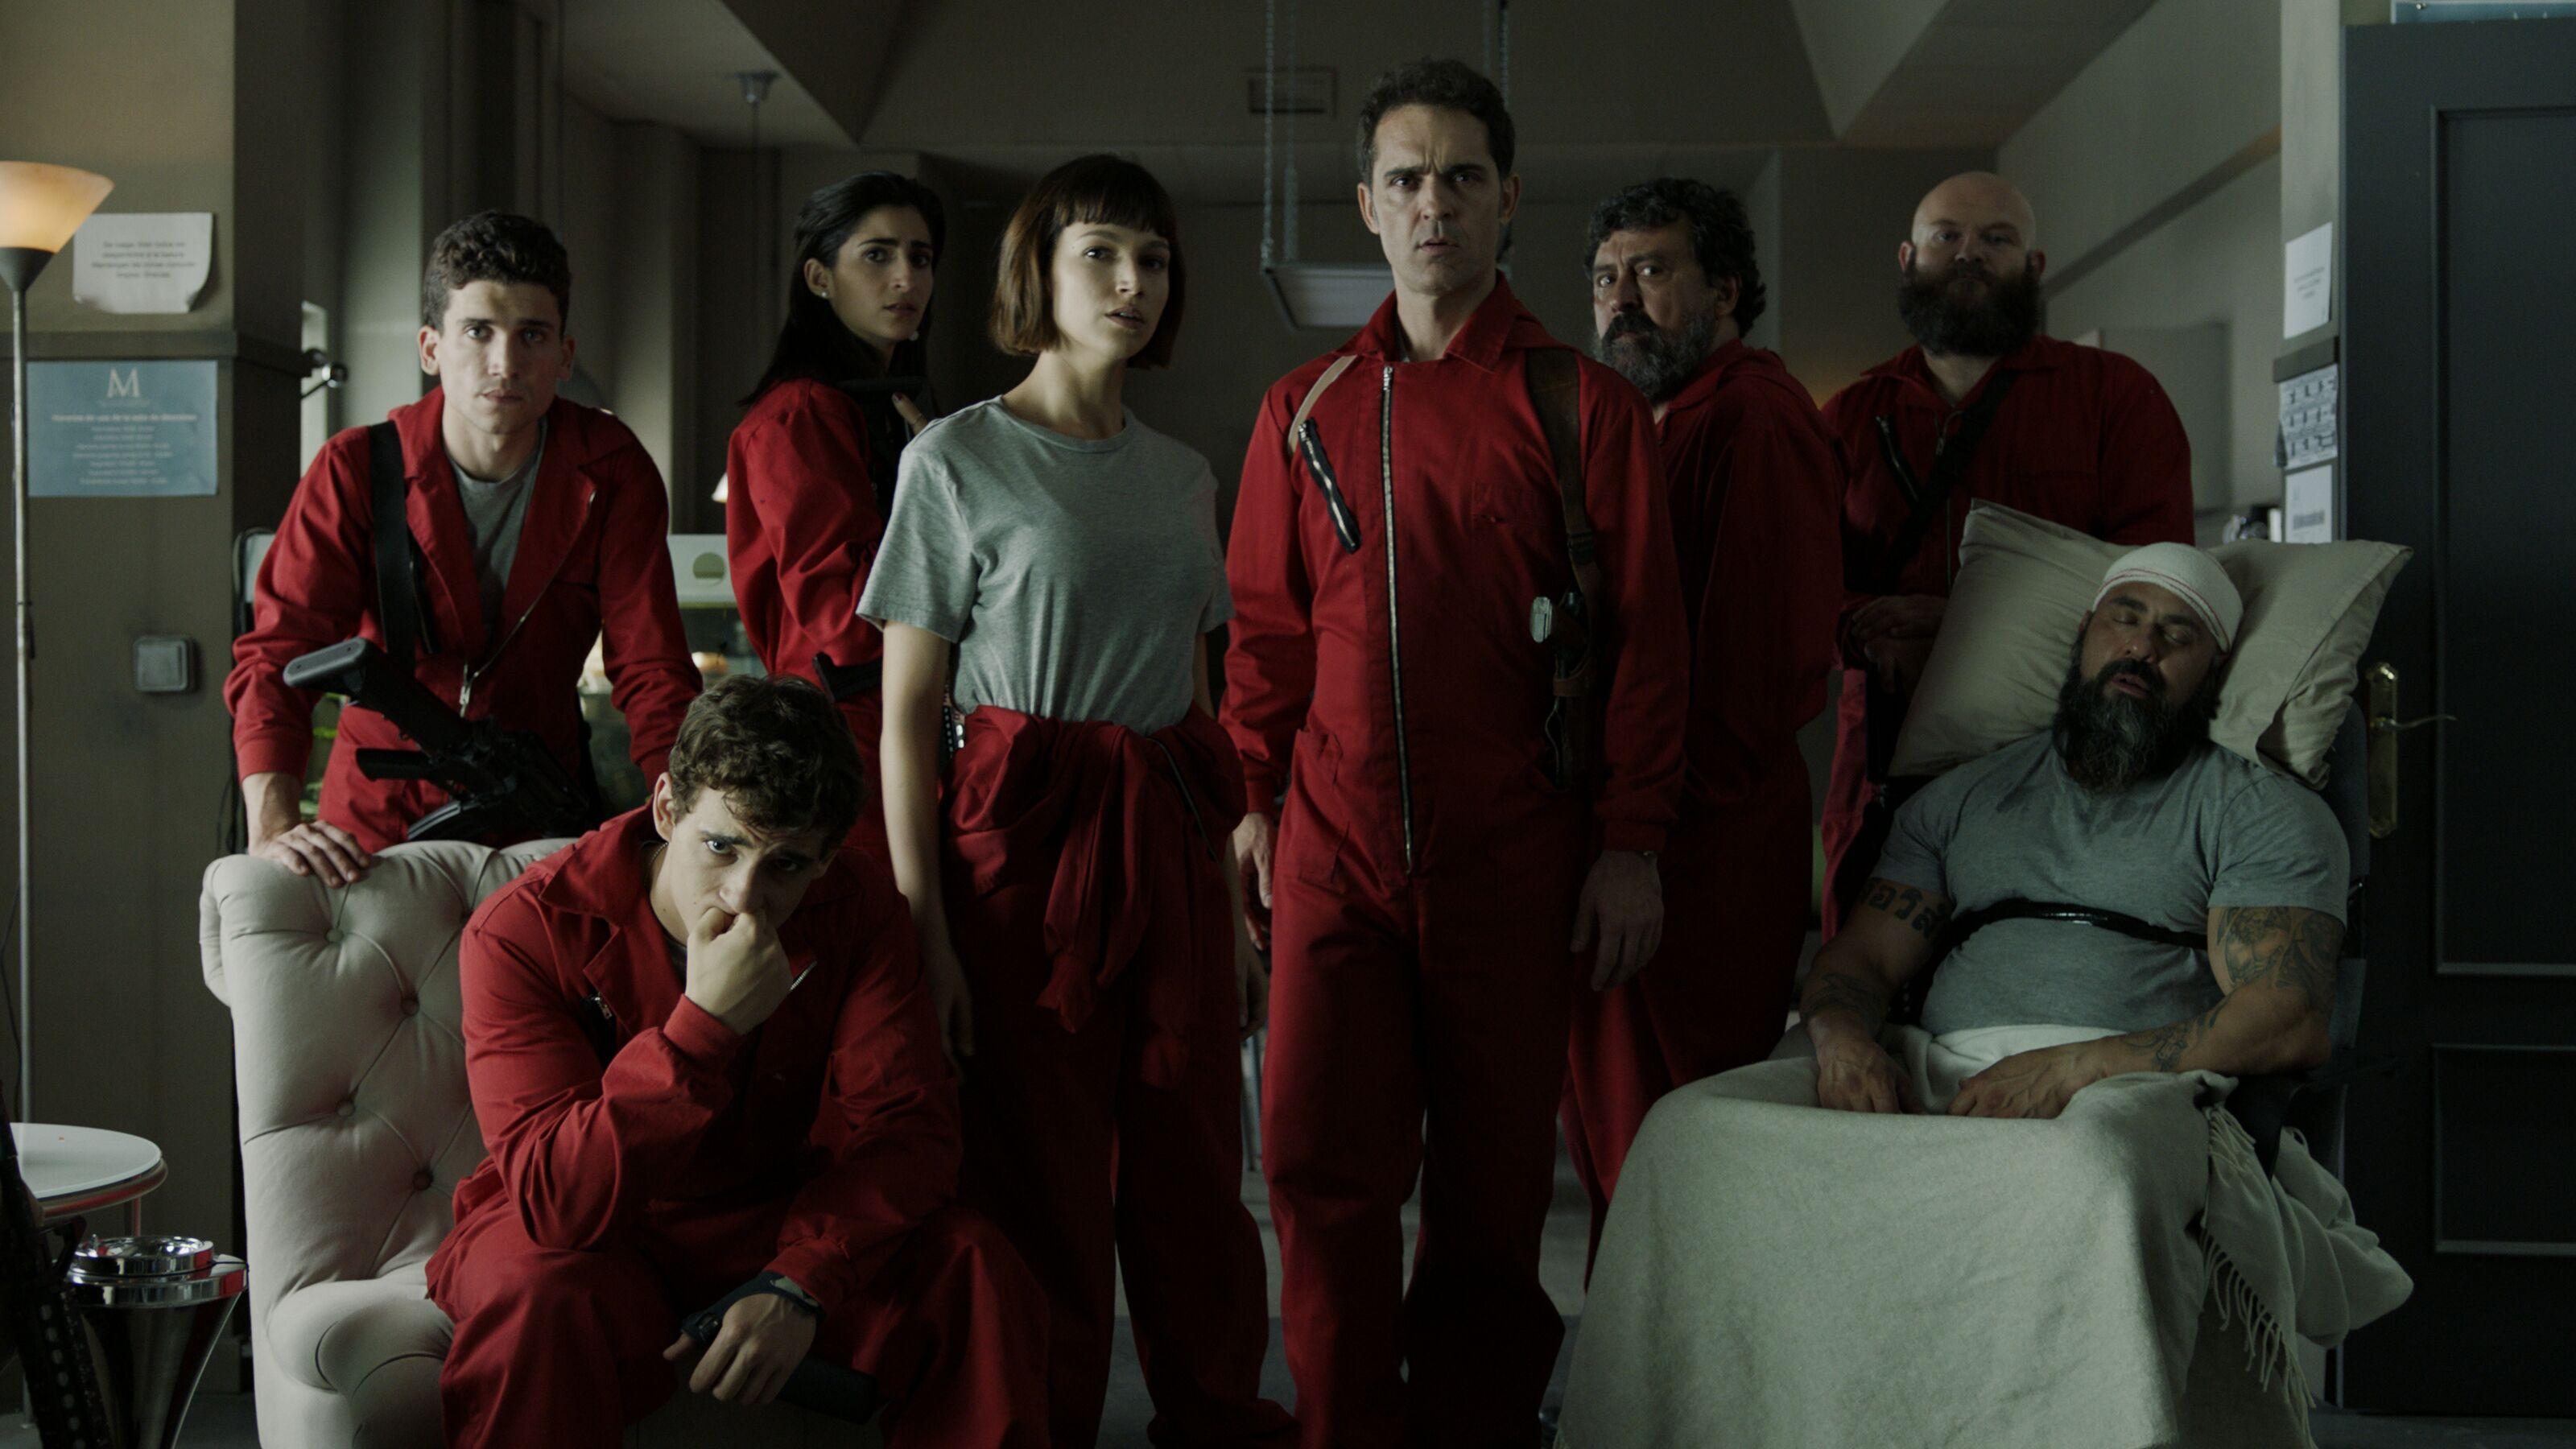 Money Heist (La Casa de Papel) season 3: Netflix release